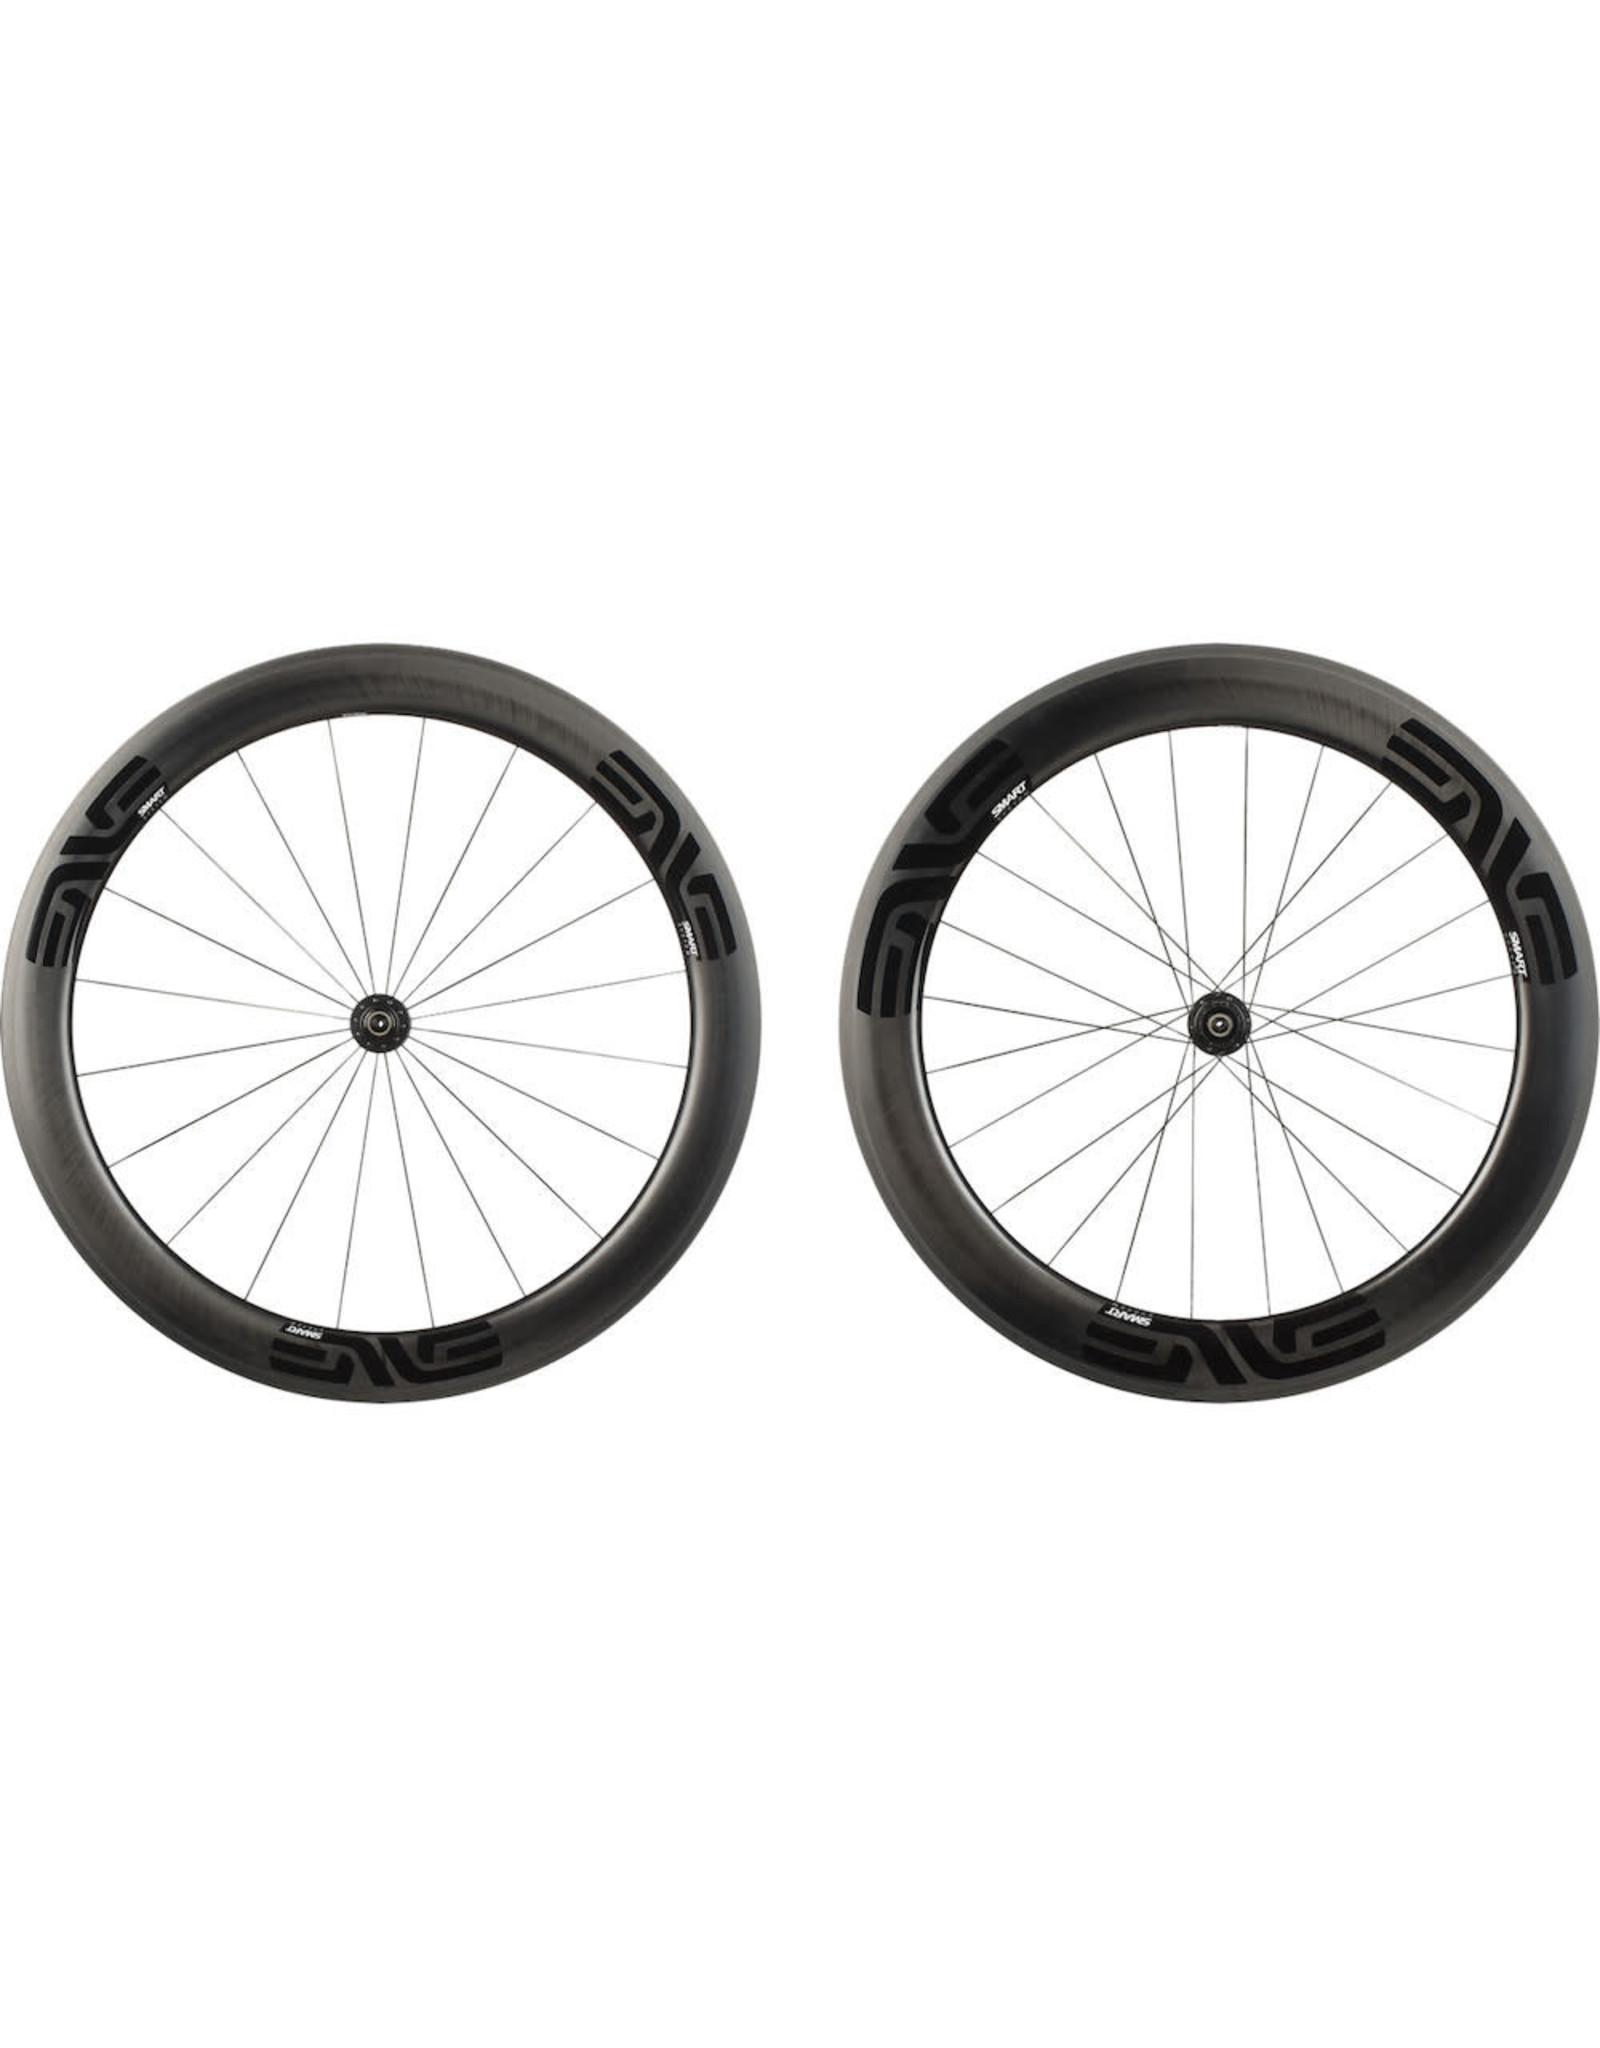 ENVE Composites ENVE SES 6.7 Clincher Wheelset - DT Swiss 240 (Shimano/SRAM)